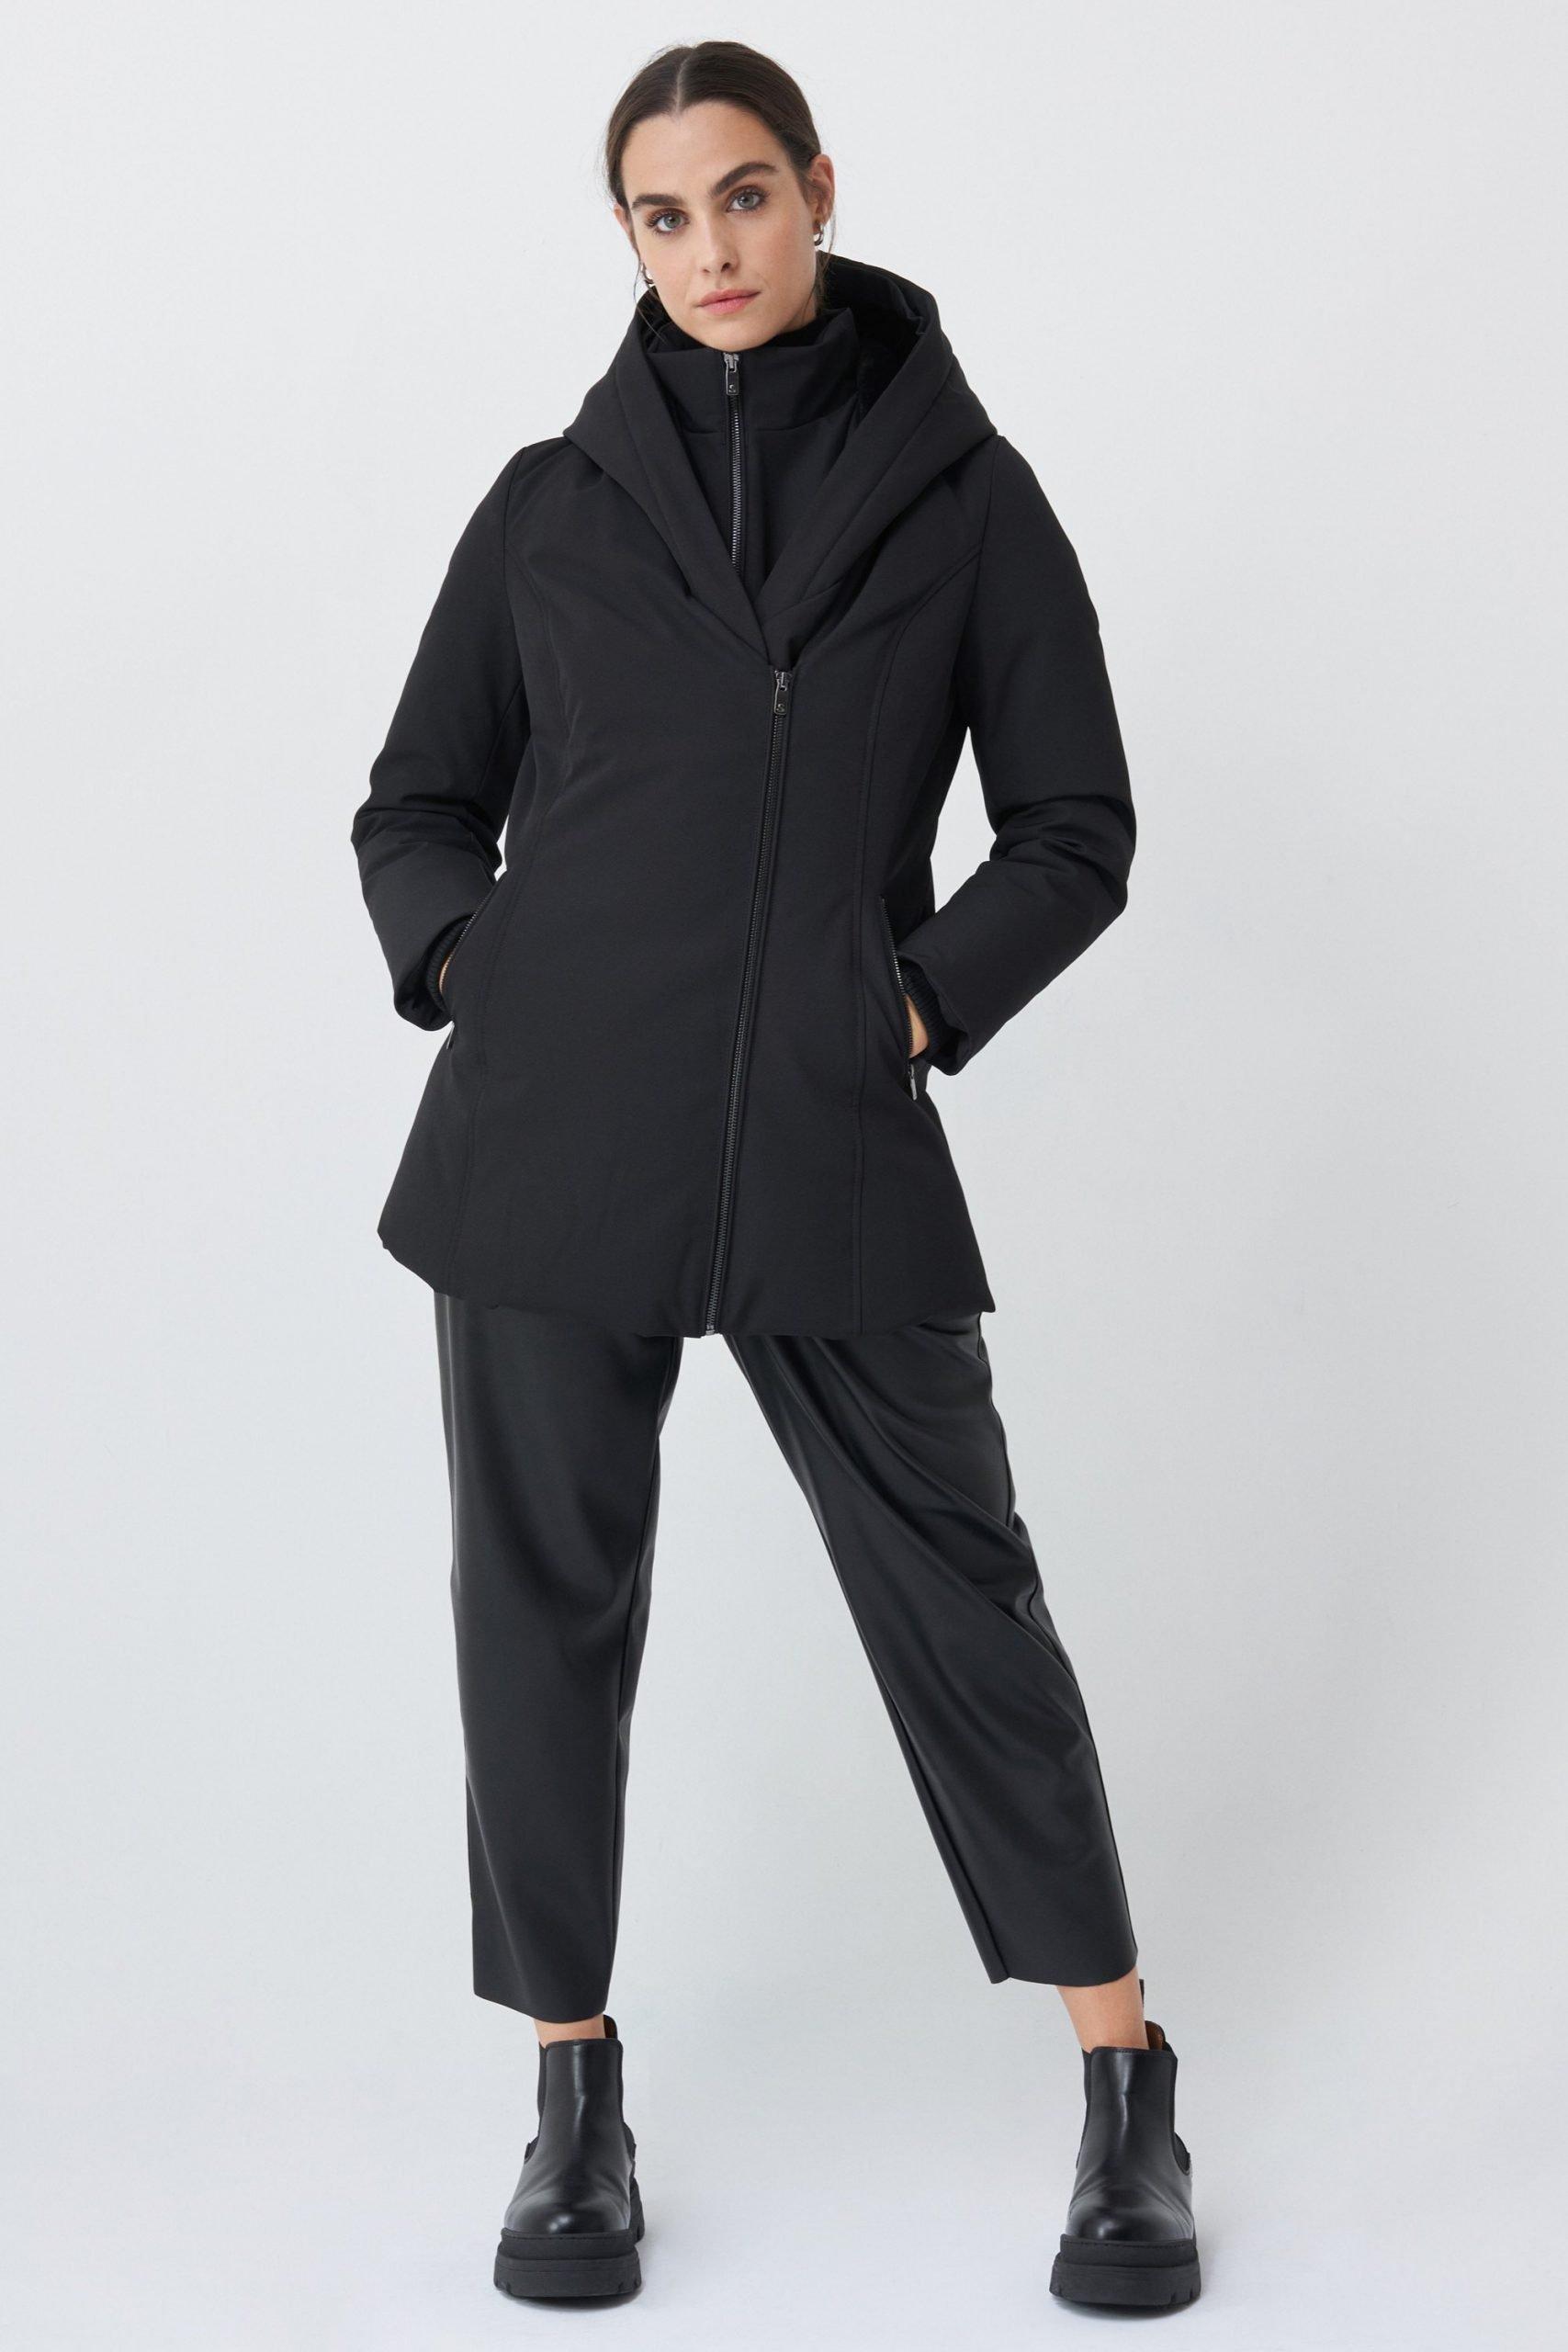 PERFECT BLACK COAT